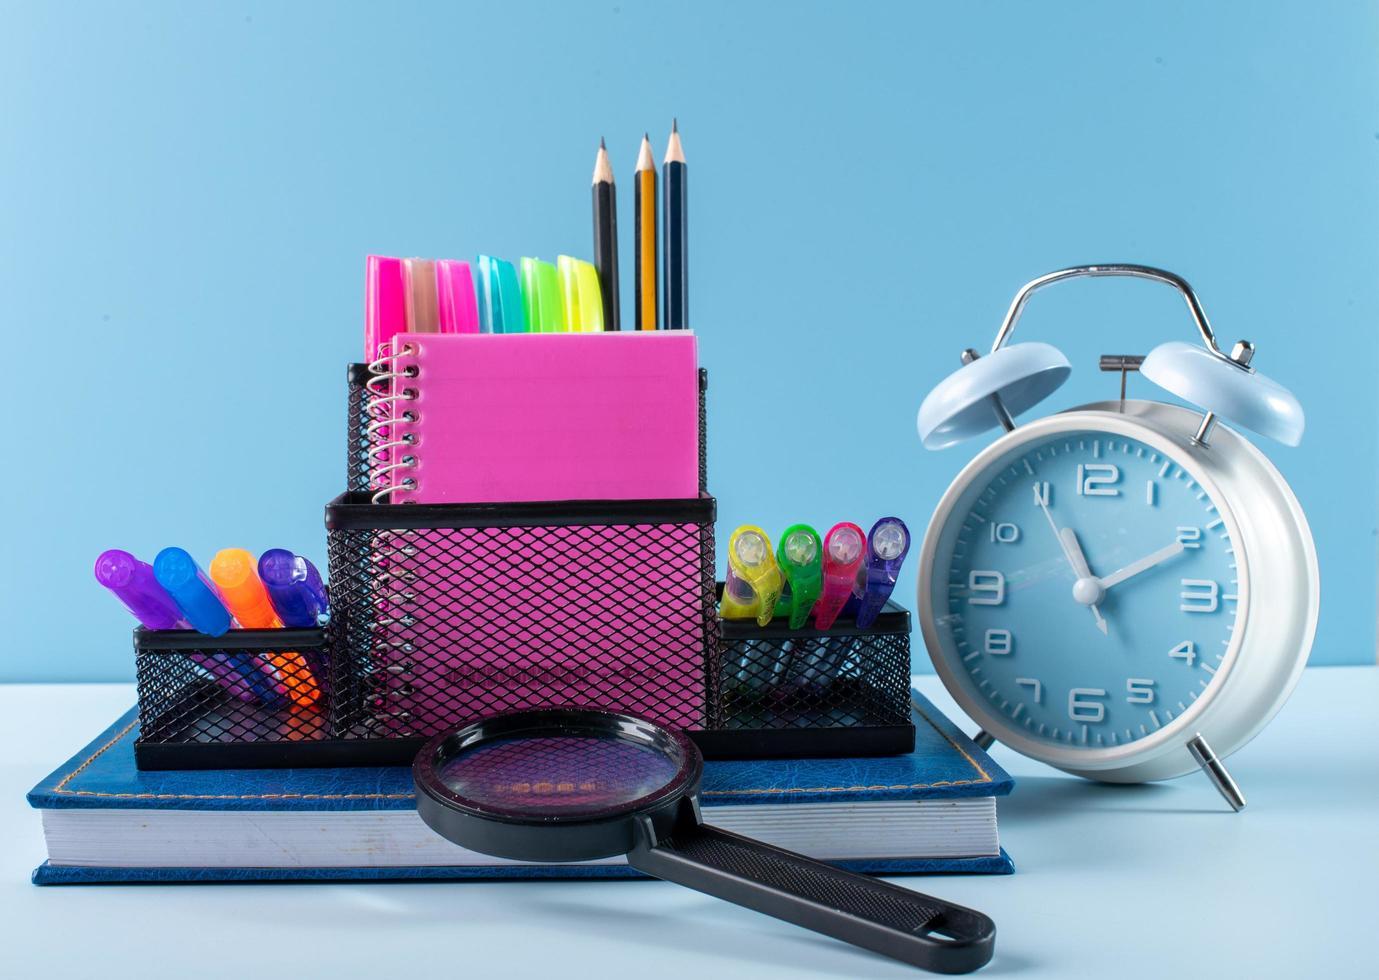 materiale scolastico e sveglia su sfondo blu foto